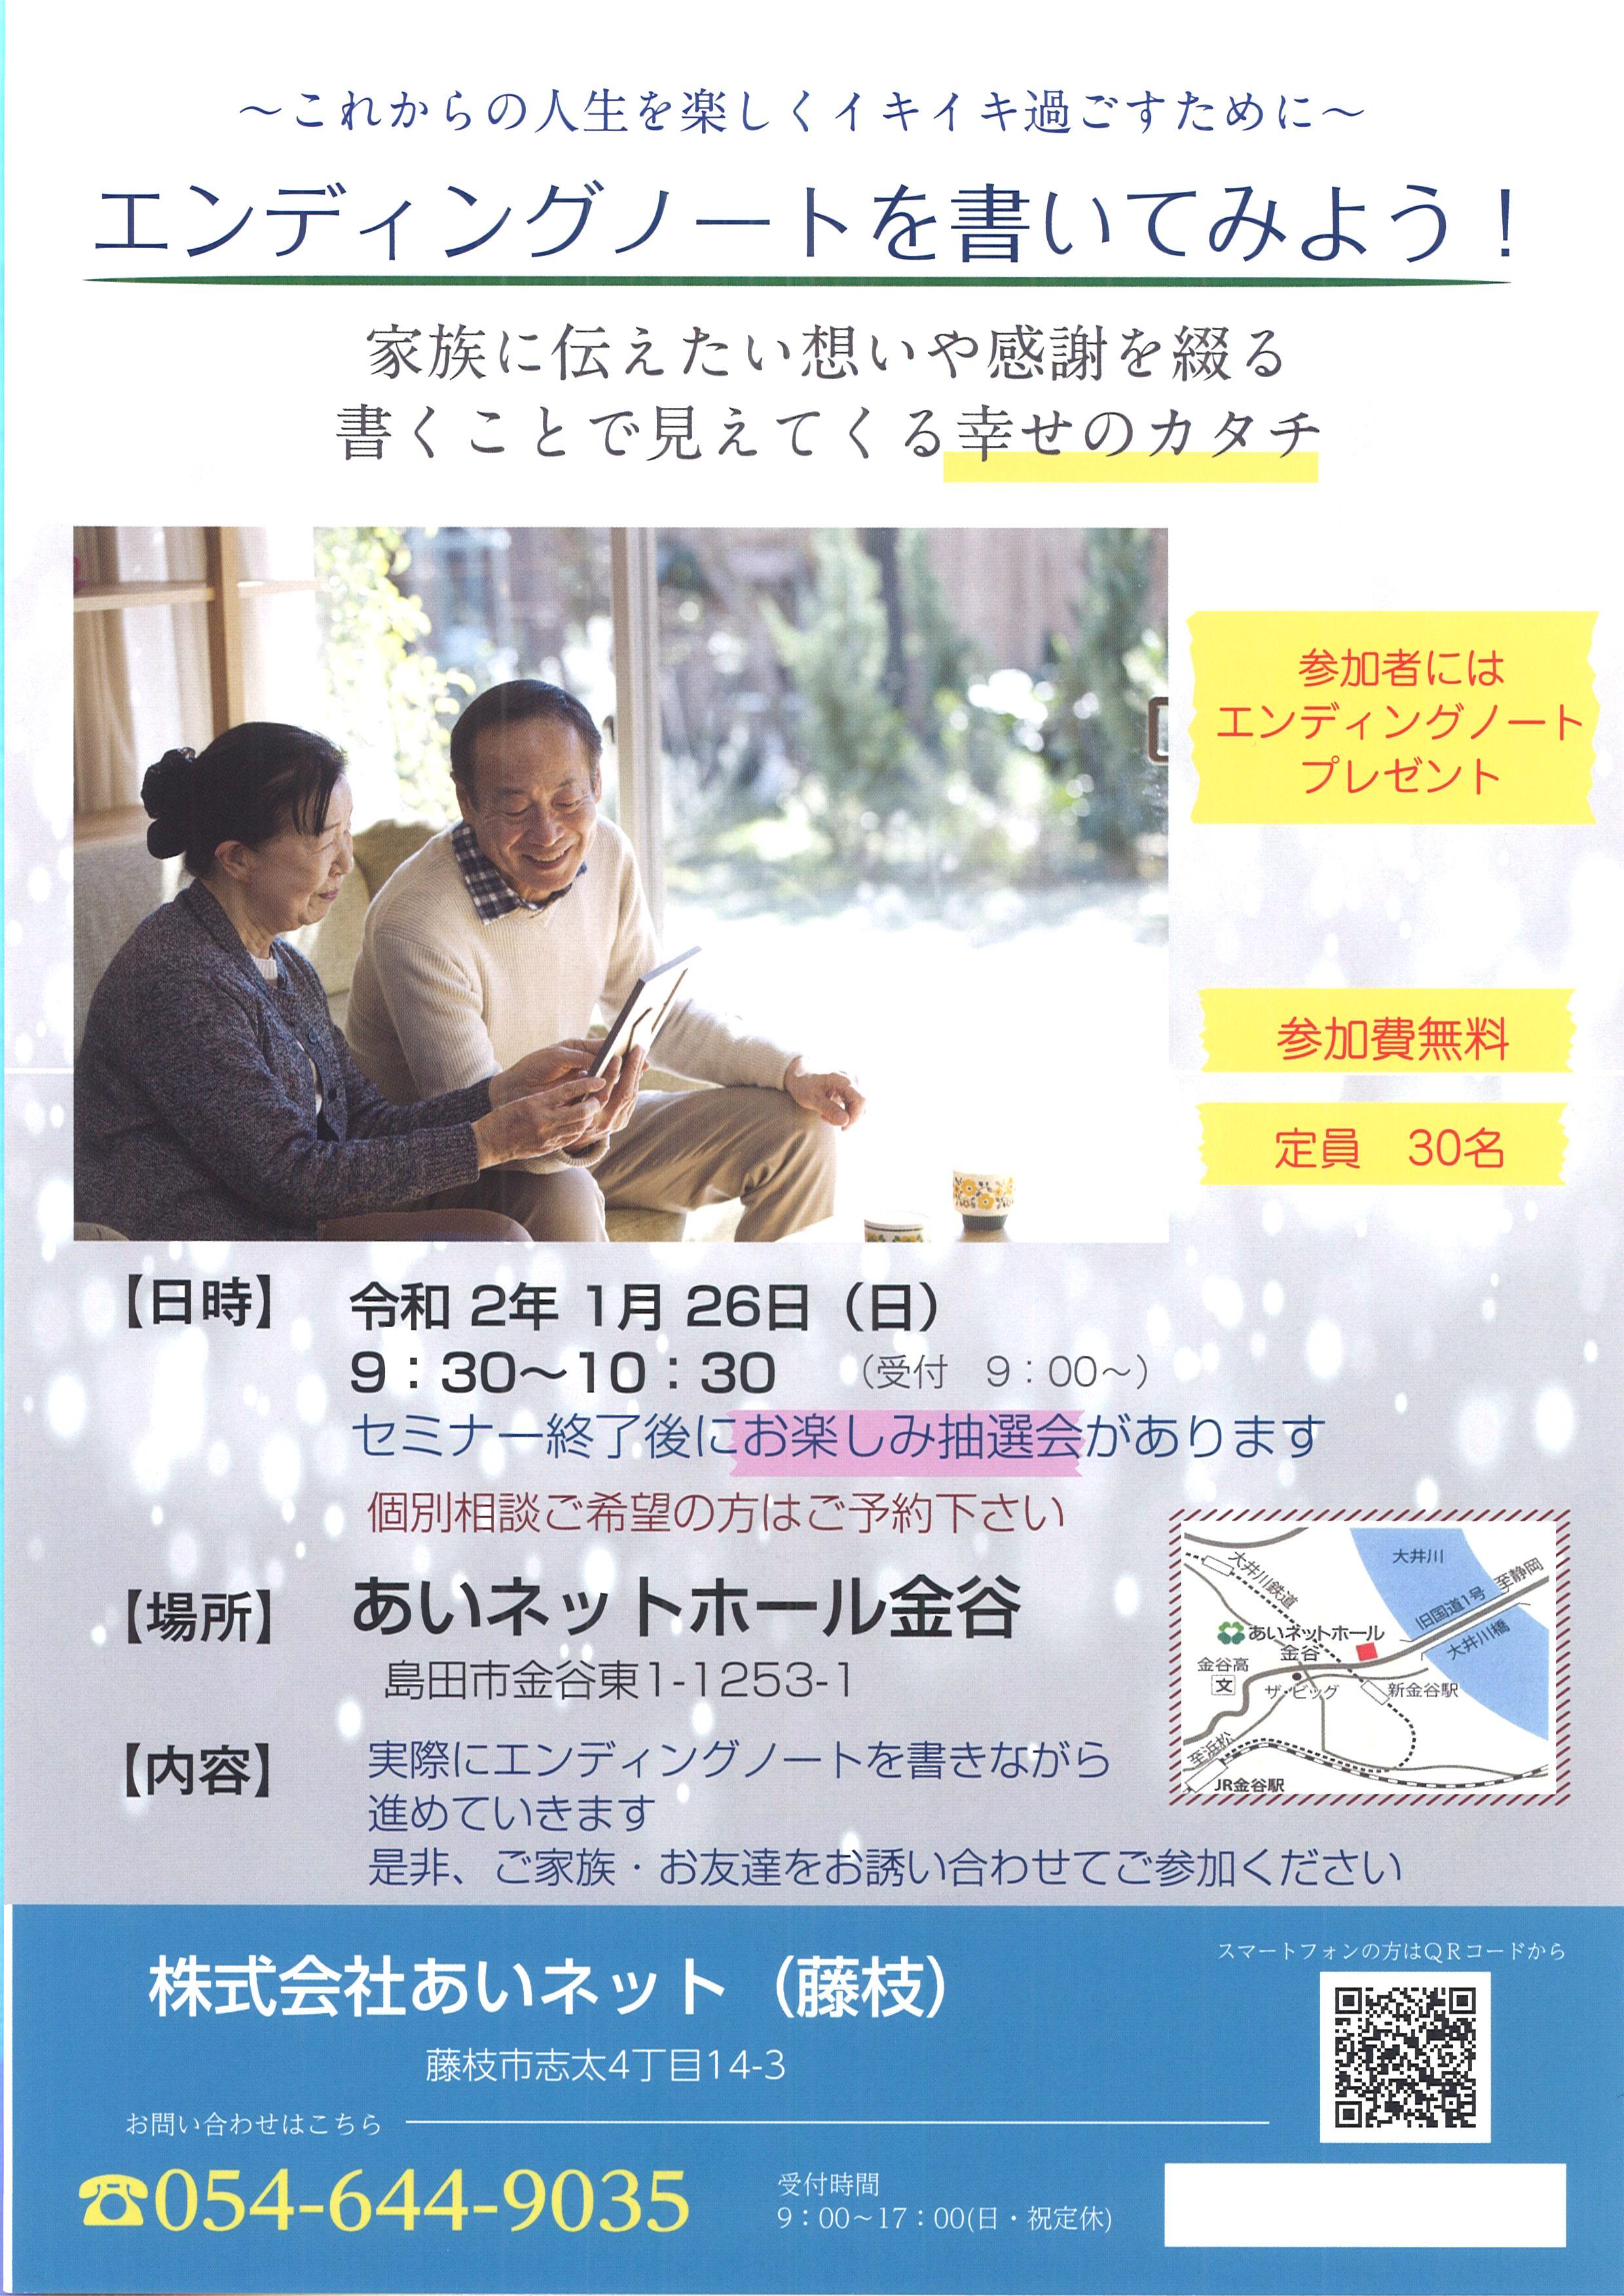 1月26日 エンディングノートセミナー